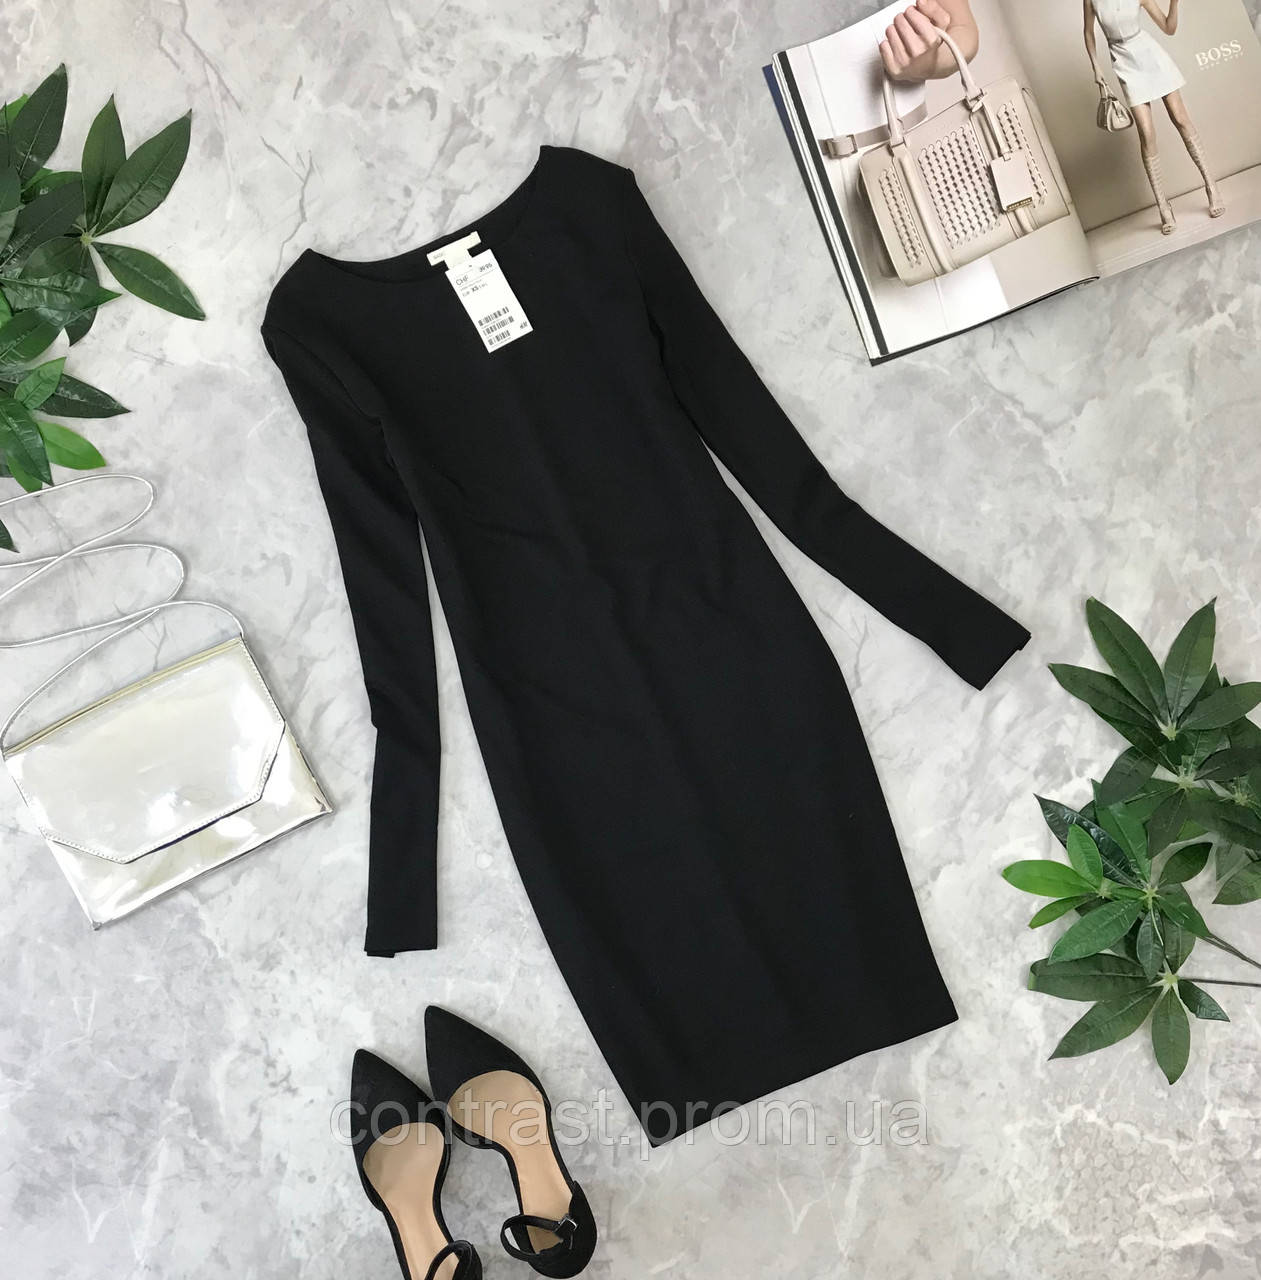 Маленькое чёрное платье с длинным рукавом  DR1849151